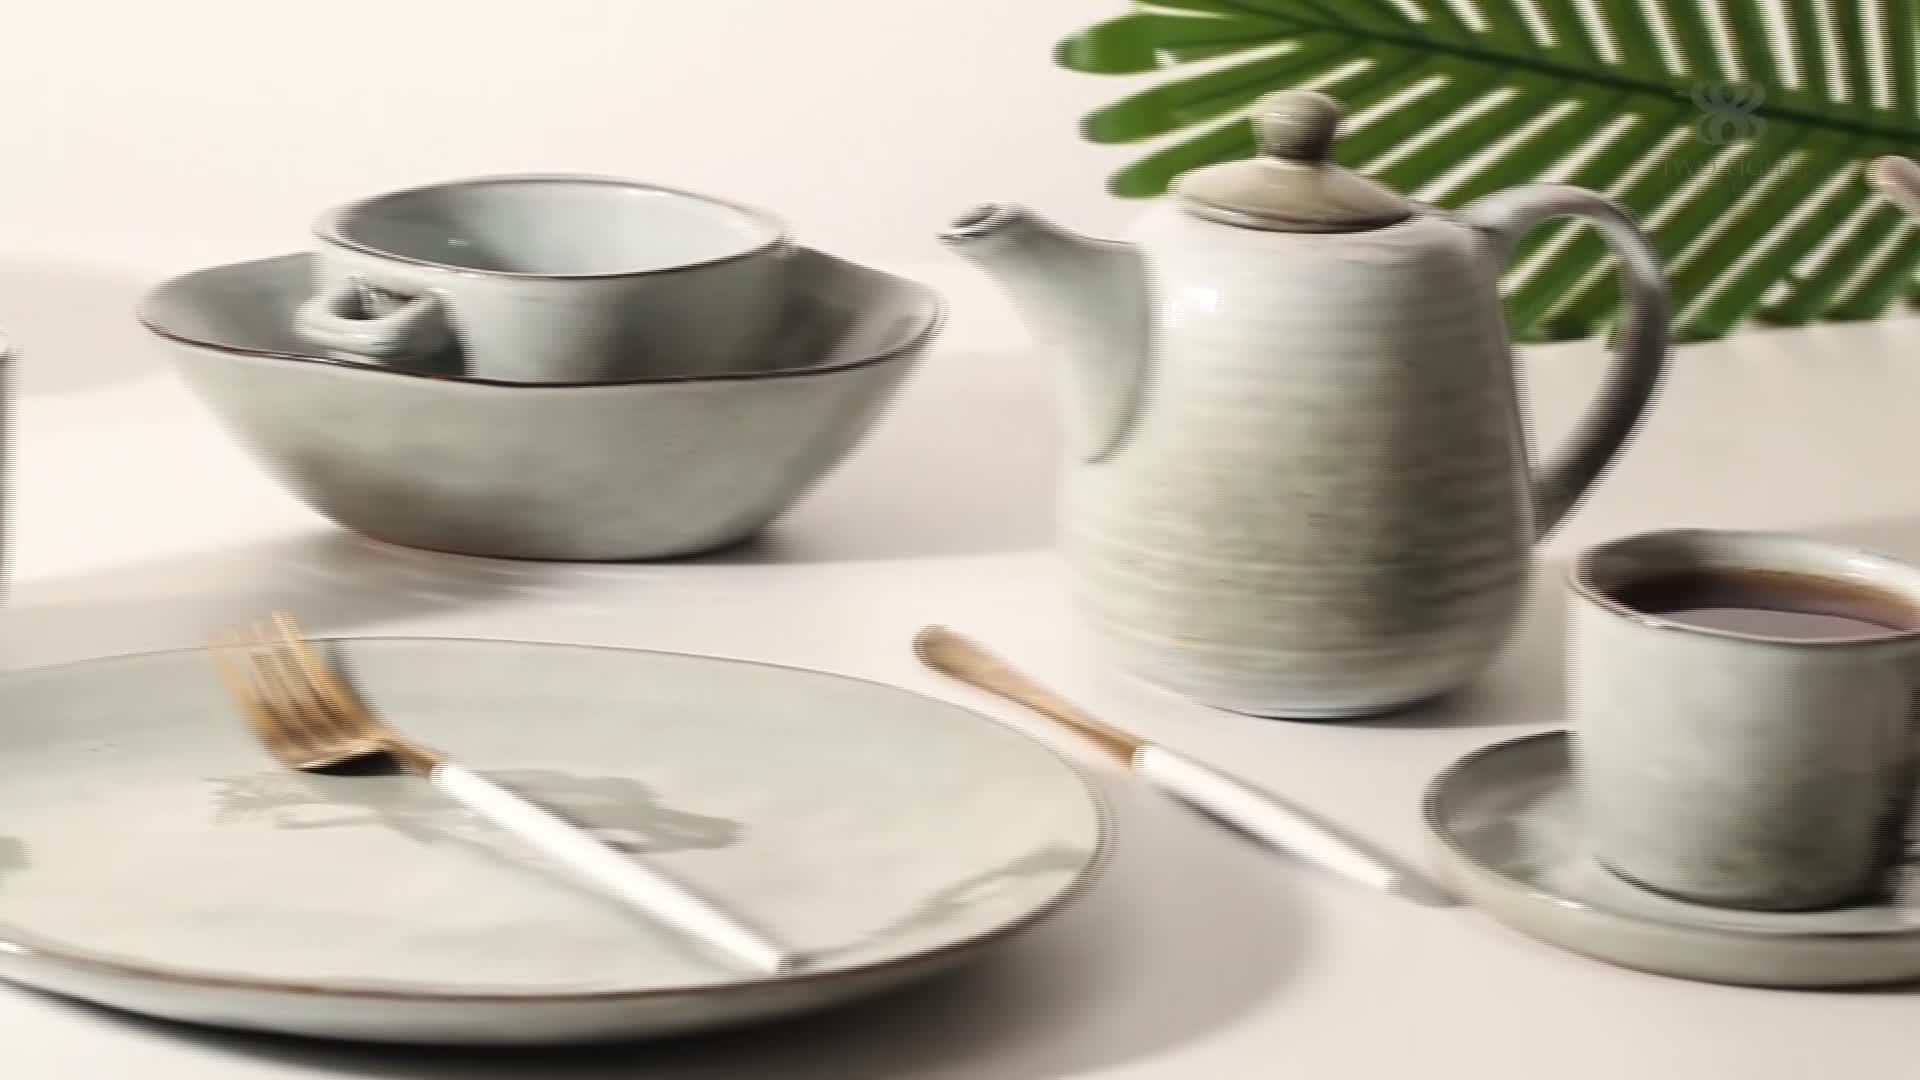 Китайский завод Керамика Посуда best Продавец хорошая цена в западном стиле термостойкие Ресторан глазурованной фарфор зерновых чаша